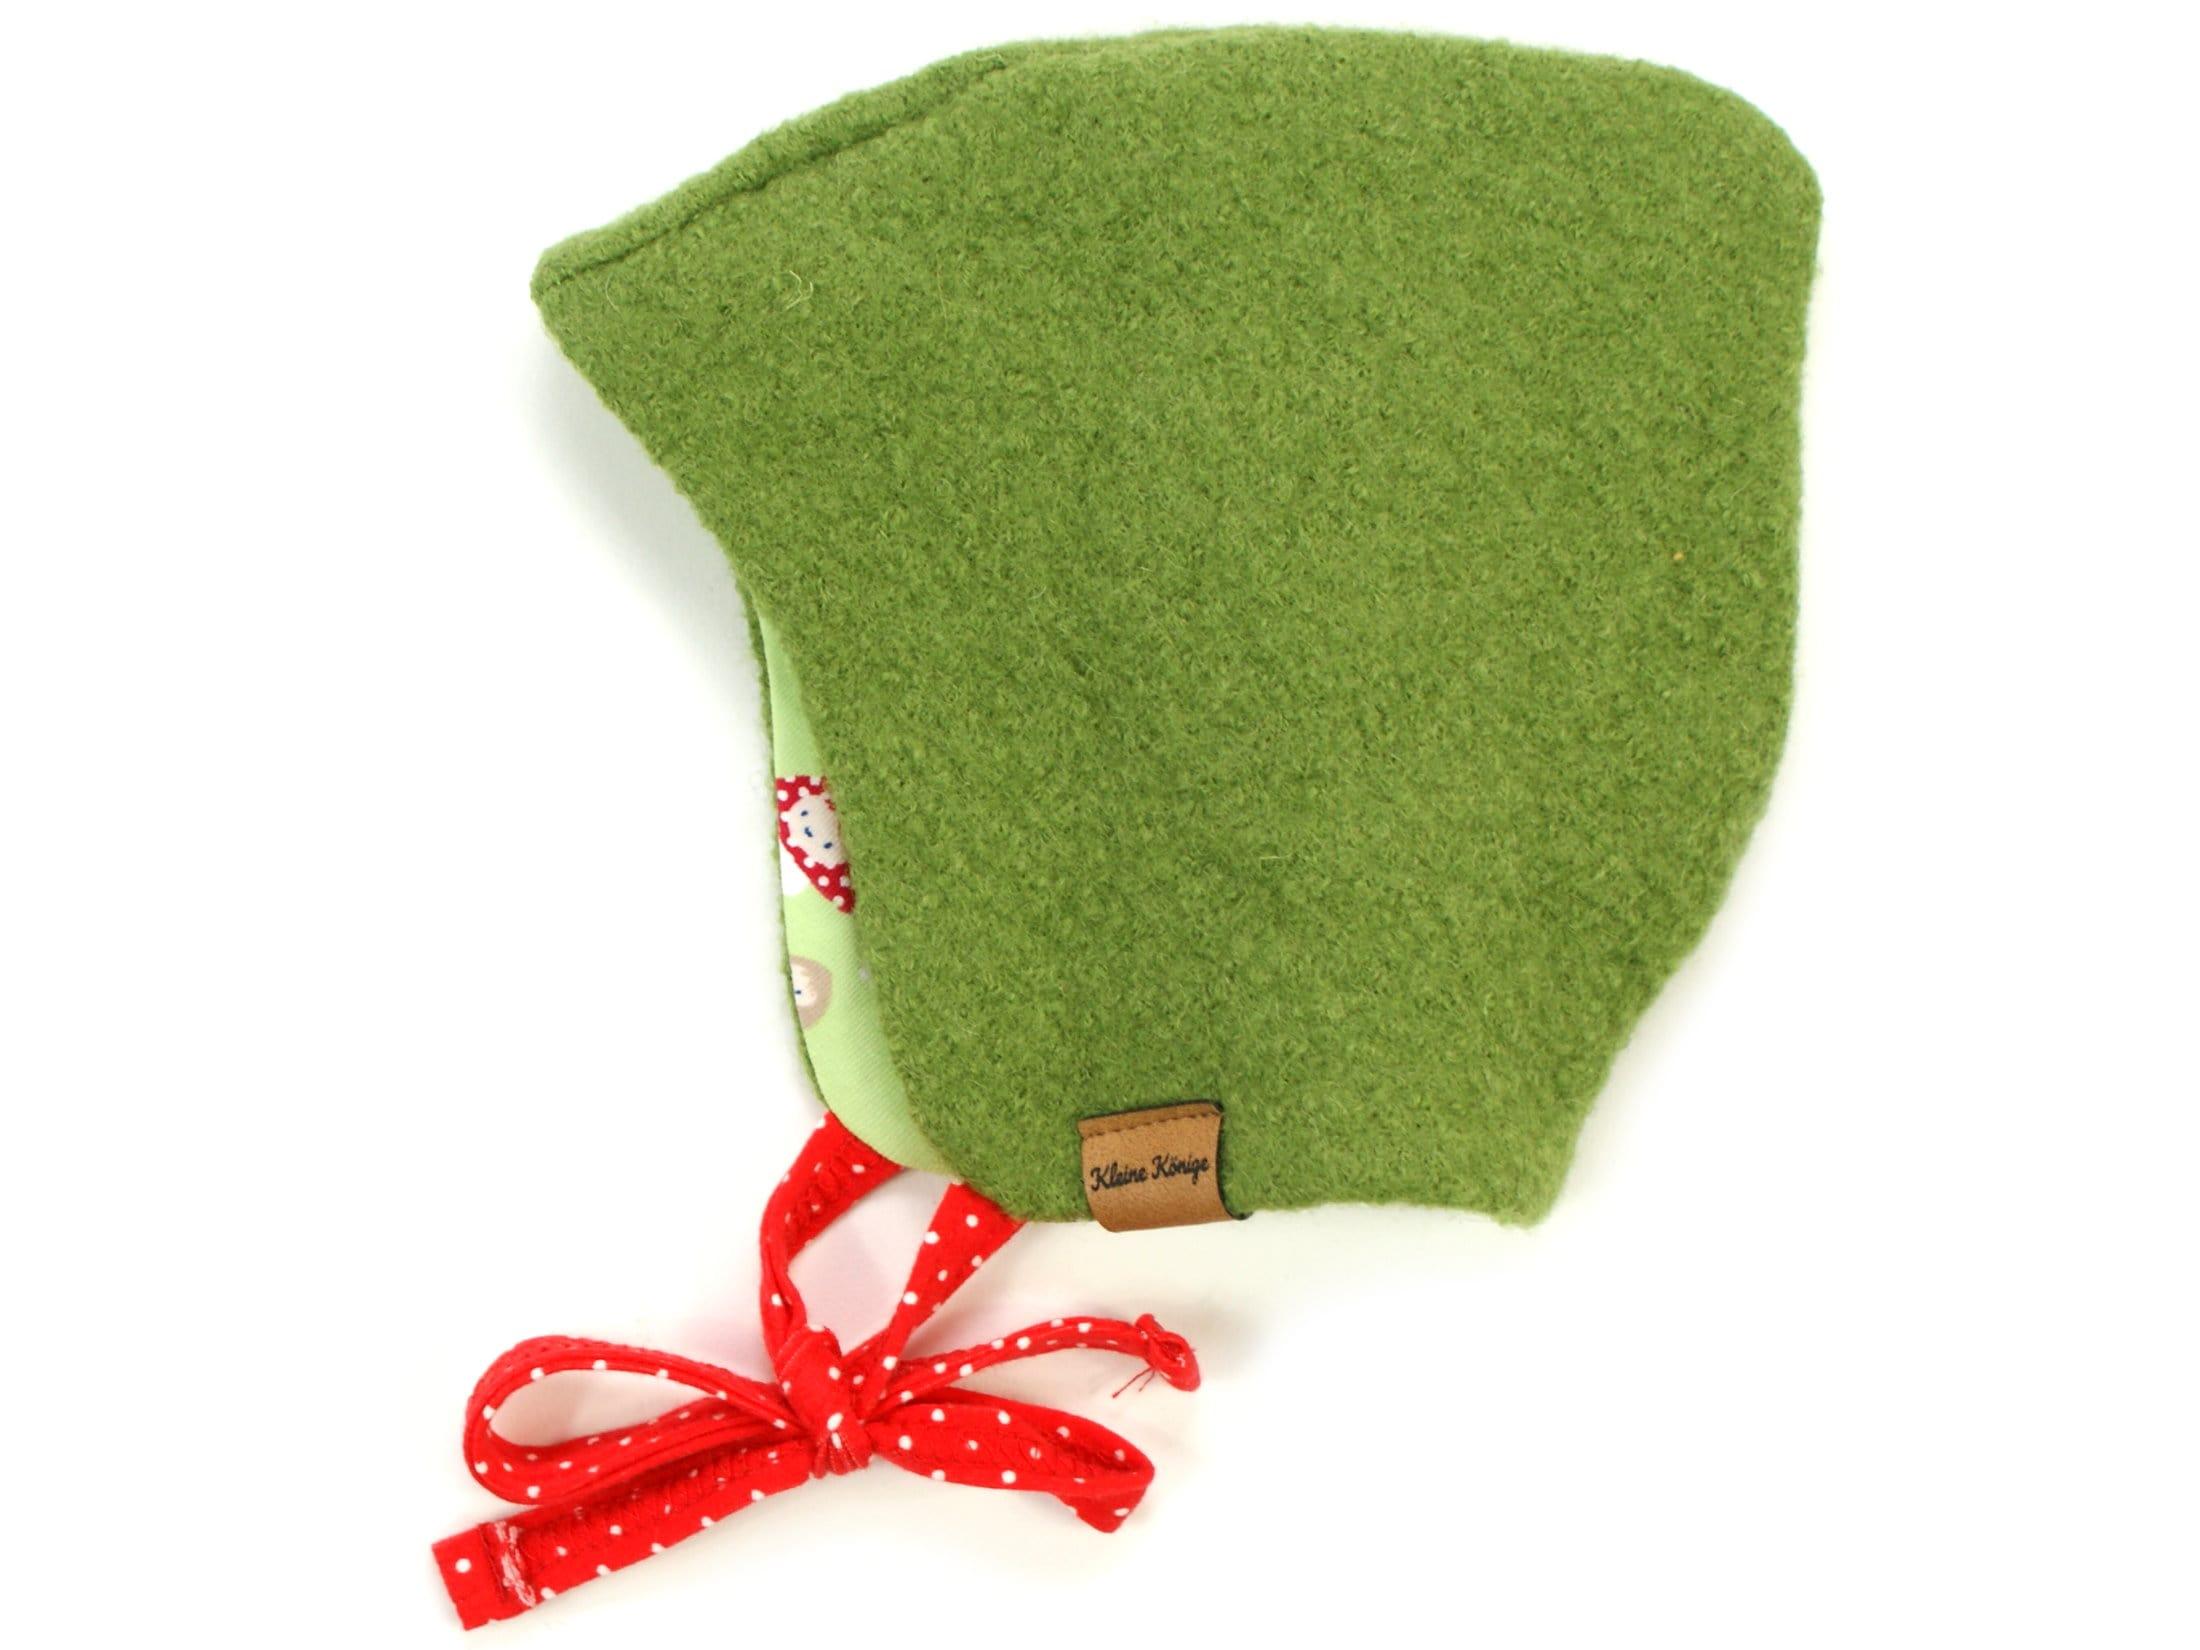 Walkmütze / Kindermütze aus Wollwalk in Grün